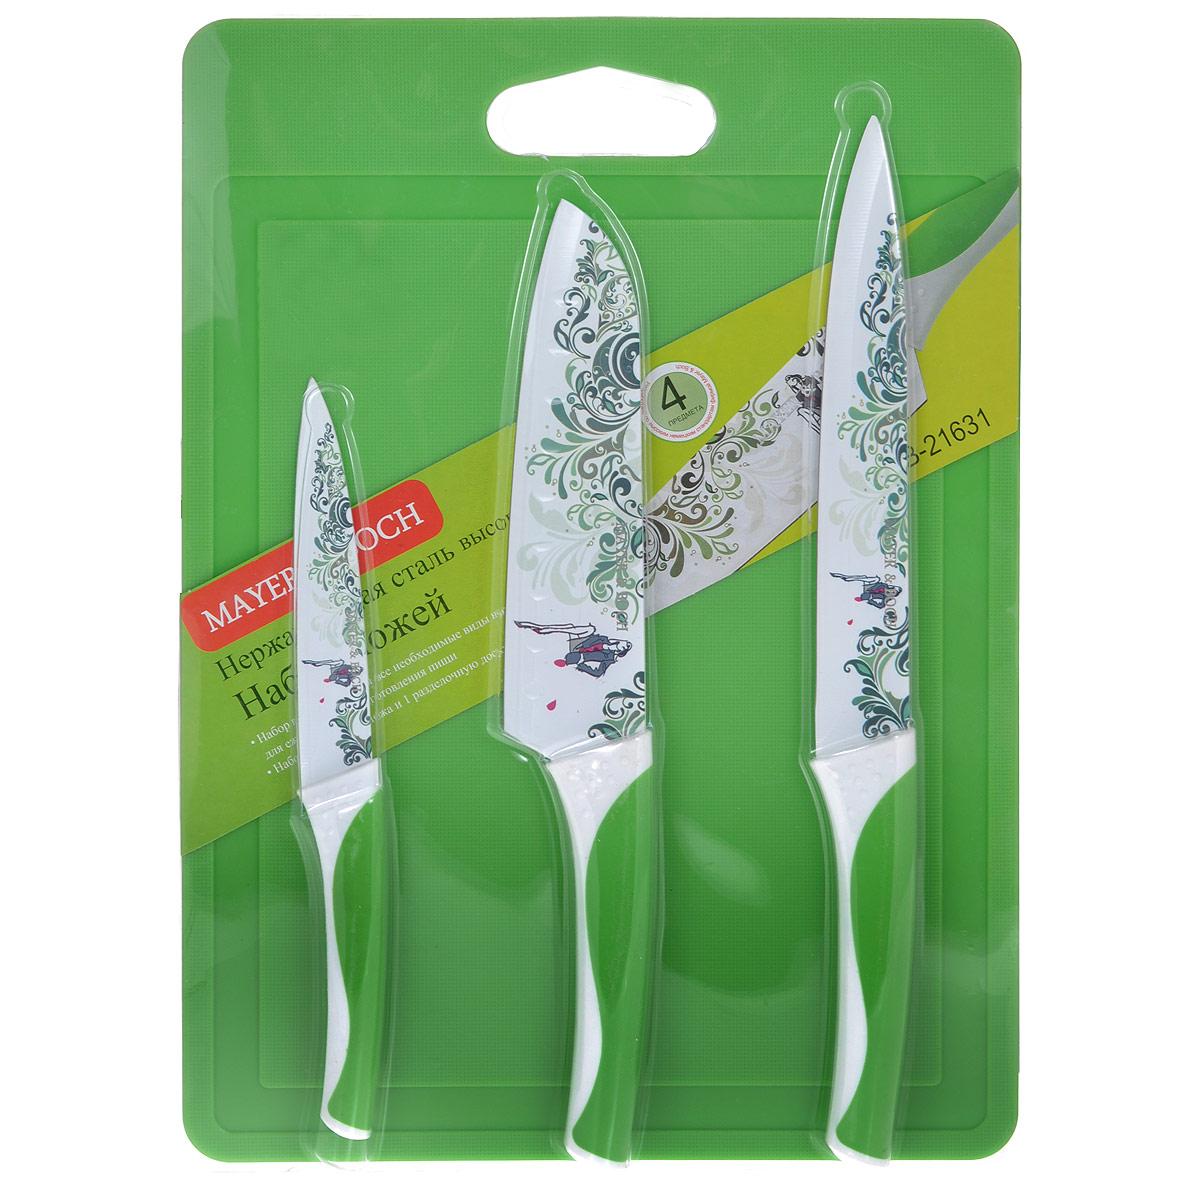 Набор ножей Mayer & Boch, цвет: зеленый, белый, 4 предмета21631Набор ножей Mayer & Boch включает в себя 3 ножа и прямоугольную пластиковую разделочнуюдоску. Ножи выполнены из нержавеющей стали 3cr14 со специальным покрытием non-stick,которое не позволяет нарезаемым продуктам прилипать к лезвию. Ножи декорированы красивымцветочным узором, что придает им стильный внешний вид.Ножи идеально подходят для ежедневной резки фруктов, овощей и мяса. Набор включает в себявосточный, разделочный и универсальный ножи. Особенности набора: Гладкая, легко очищаемая поверхность. Специальный дизайн рукоятки обеспечивает комфортный и легко контролируемый захват. Набор включает в себя все необходимые виды ножей для ежедневного приготовления пищи. Не используйте ножи на твердых поверхностях, таких как камень, металл или стекло. Точите ножи при необходимости. Общая длина восточного ножа: 30 см. Длина лезвия восточного ножа: 17,8 см. Общая длина разделочного ножа: 33 см. Длина лезвия разделочного ножа: 20,3 см. Общая длина универсального ножа: 23,5 см. Длина лезвия универсального ножа: 12,7 см.Размер разделочной доски: 35,5 см х 25,5 см х 0,4 см.